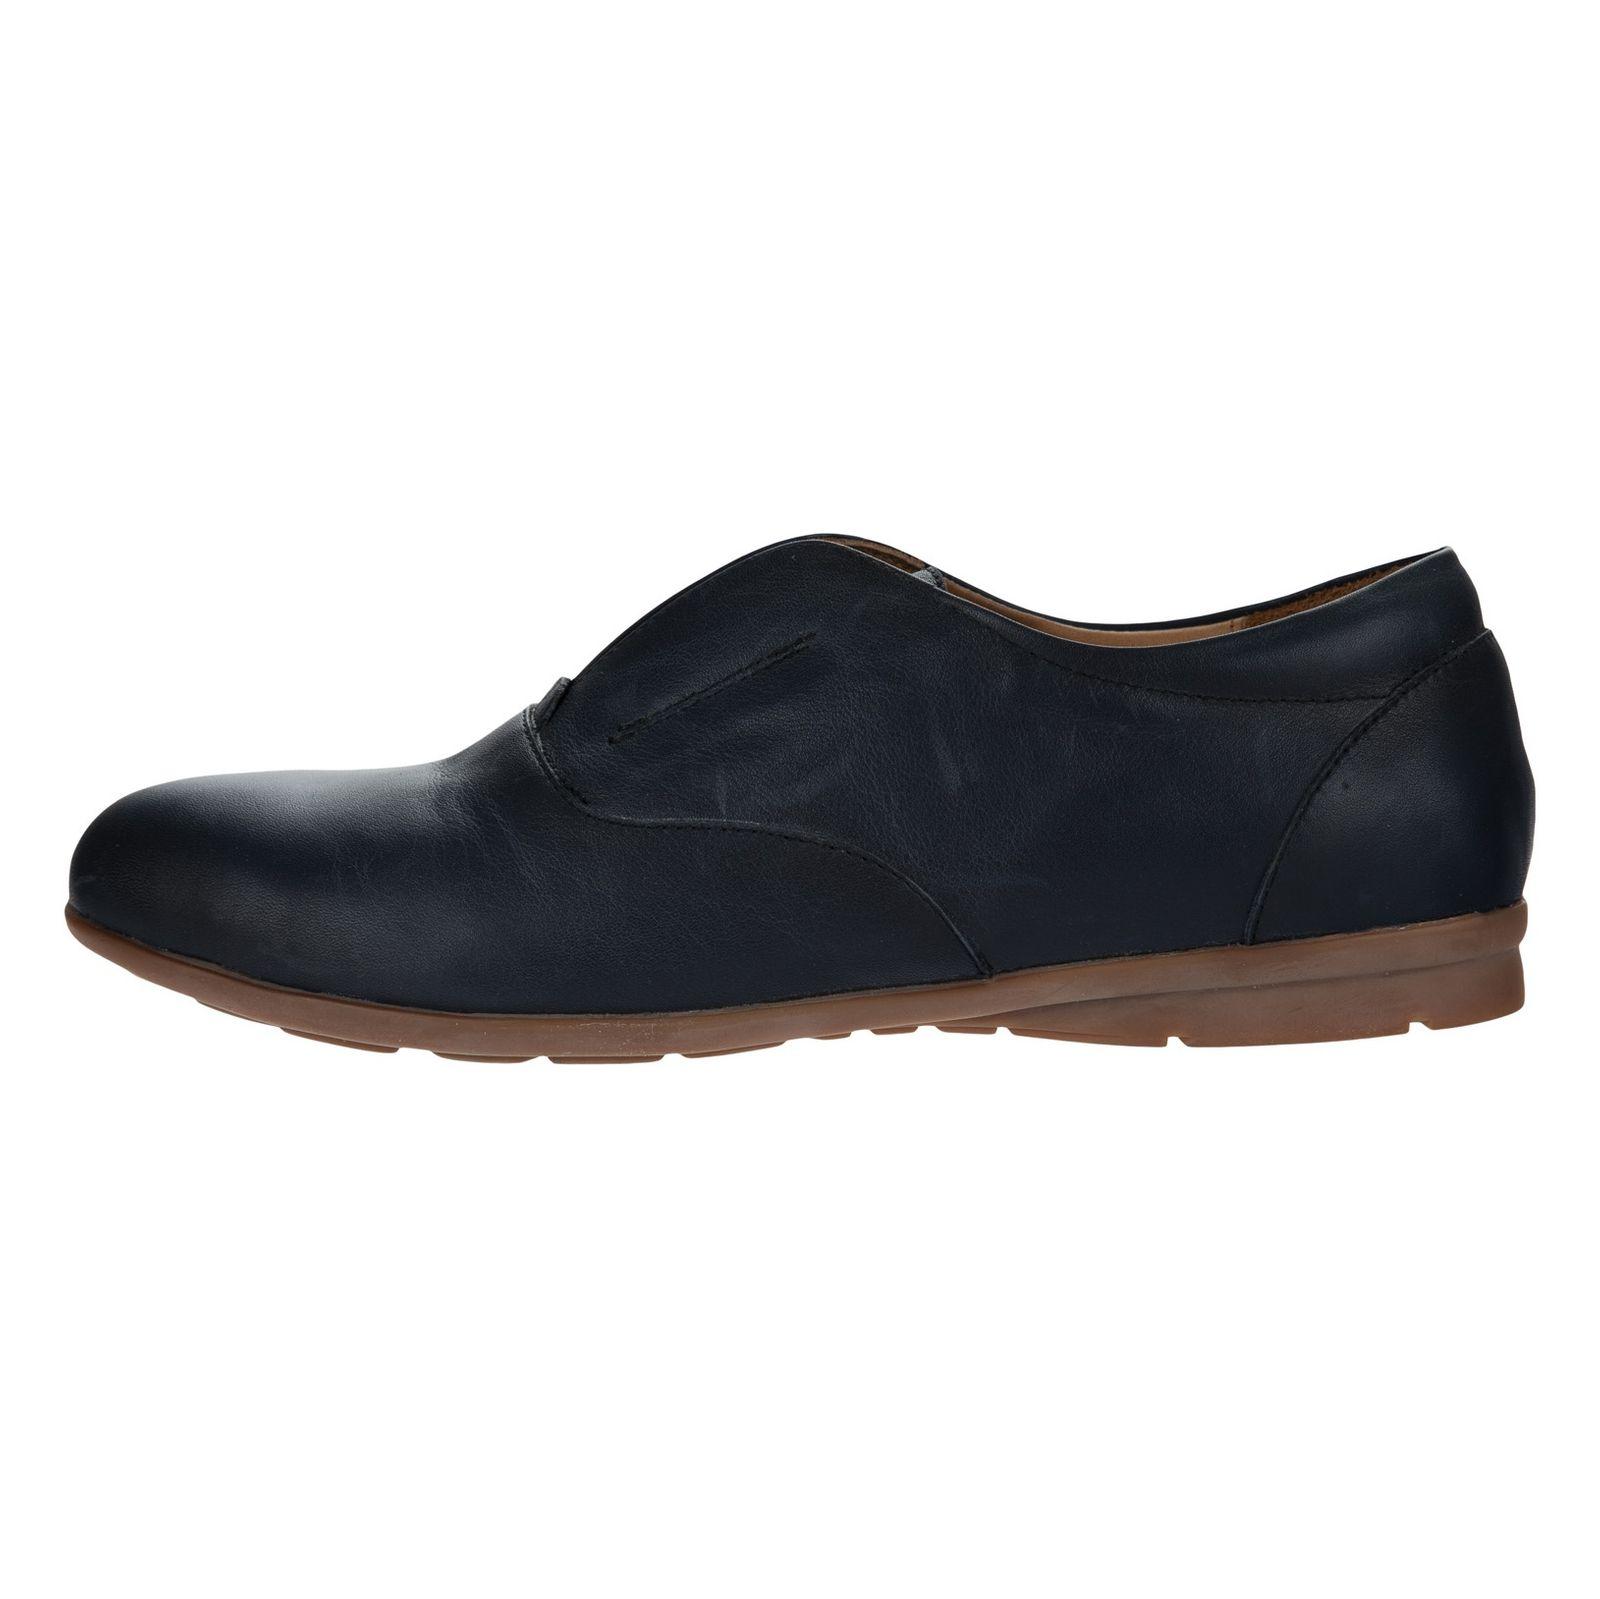 کفش روزمره زنانه دلفارد مدل DL5166A500-103 -  - 1